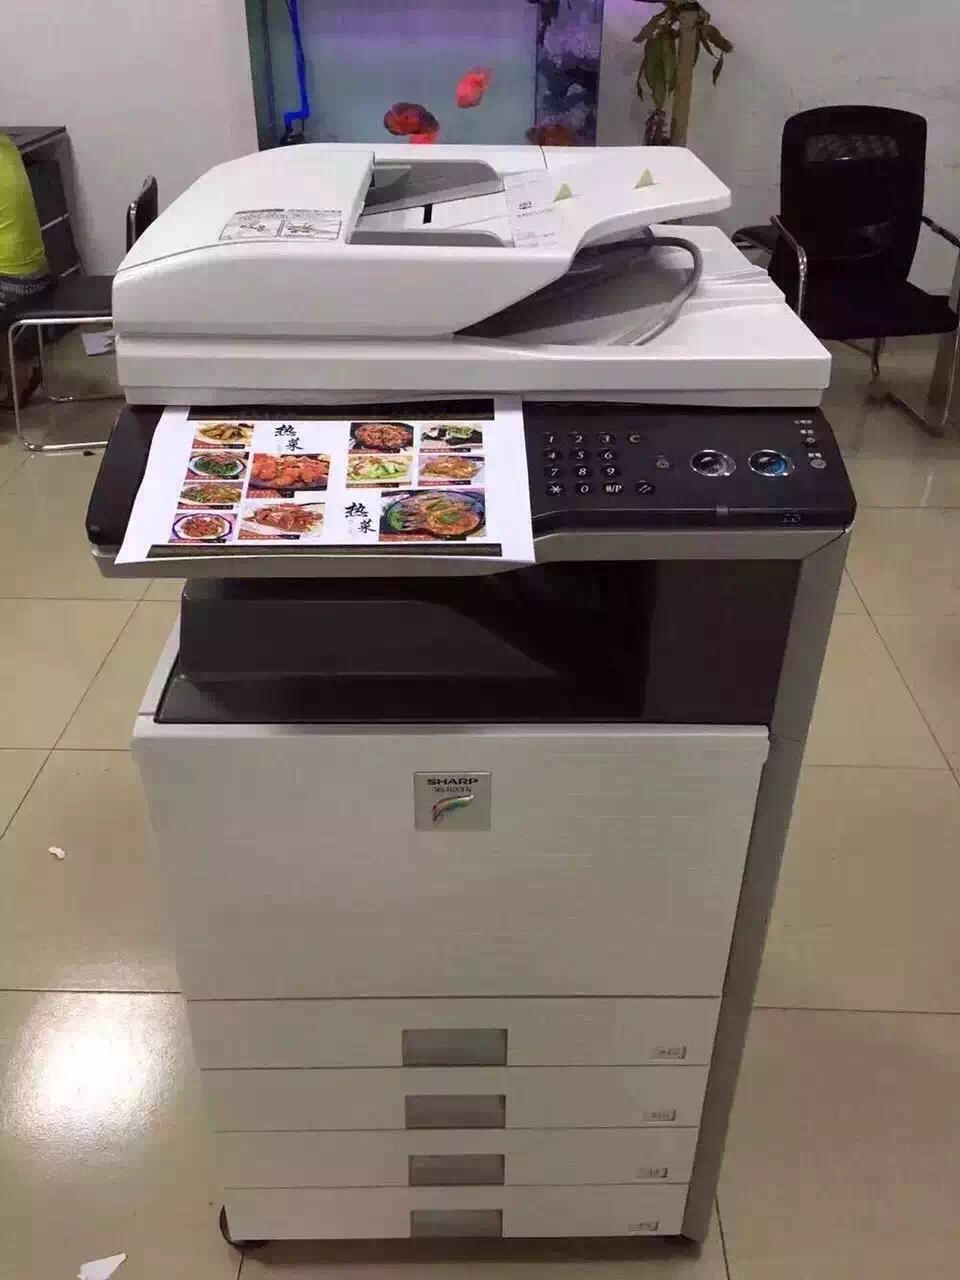 嘉兴复印机 打印机 一体机出租200元起,维修耗材全包